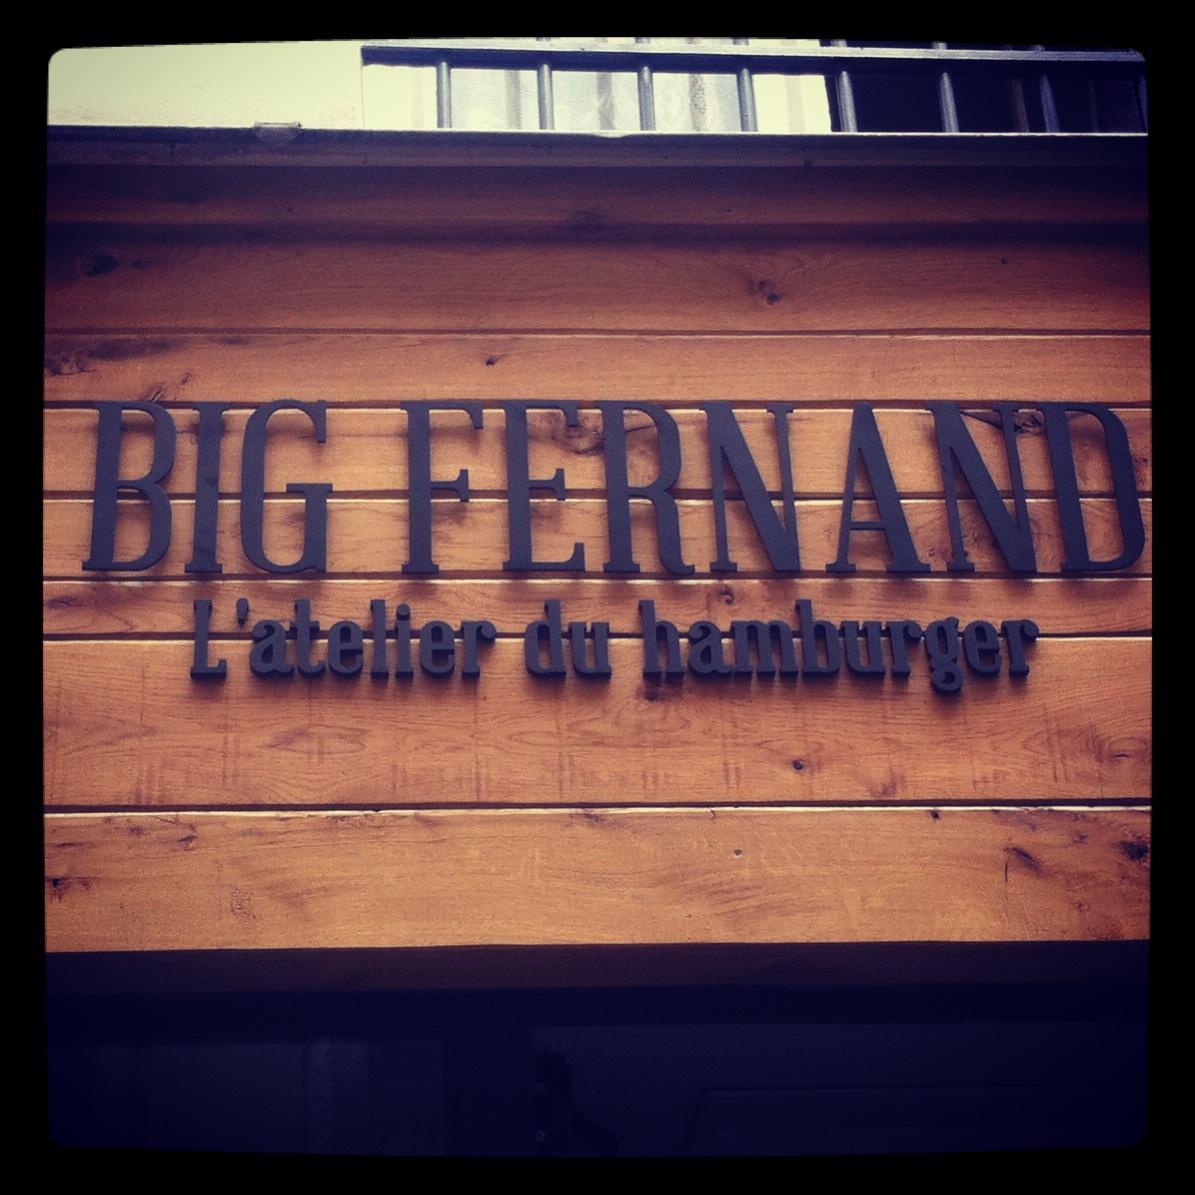 Big Fernand - L'atelier du hambuger